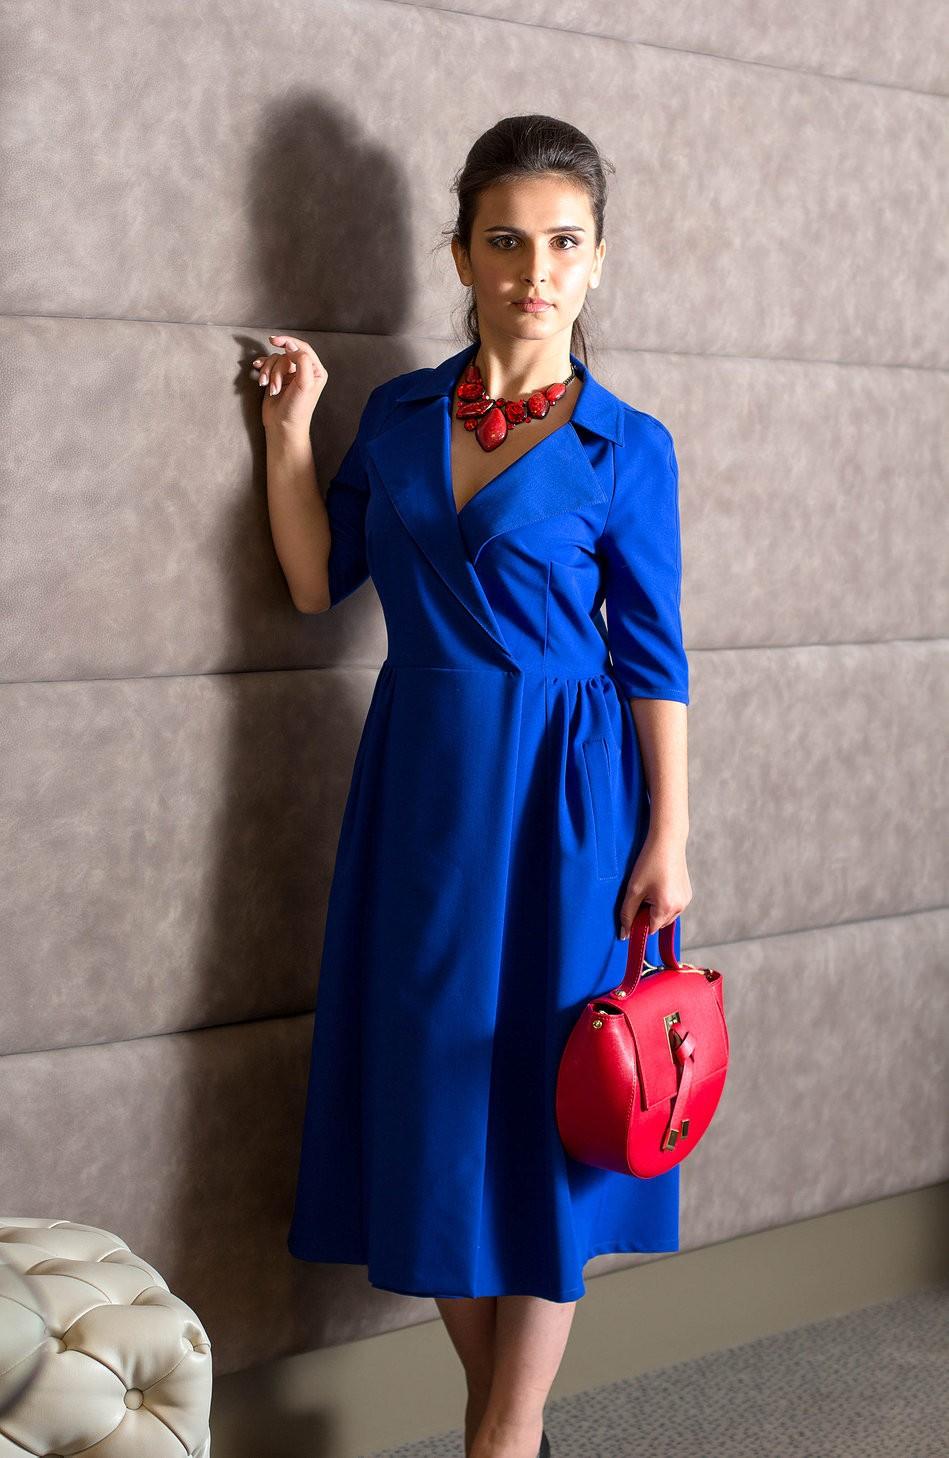 Платья сбаской весна лето 2018: платье с запахом и воротником , синего цвета